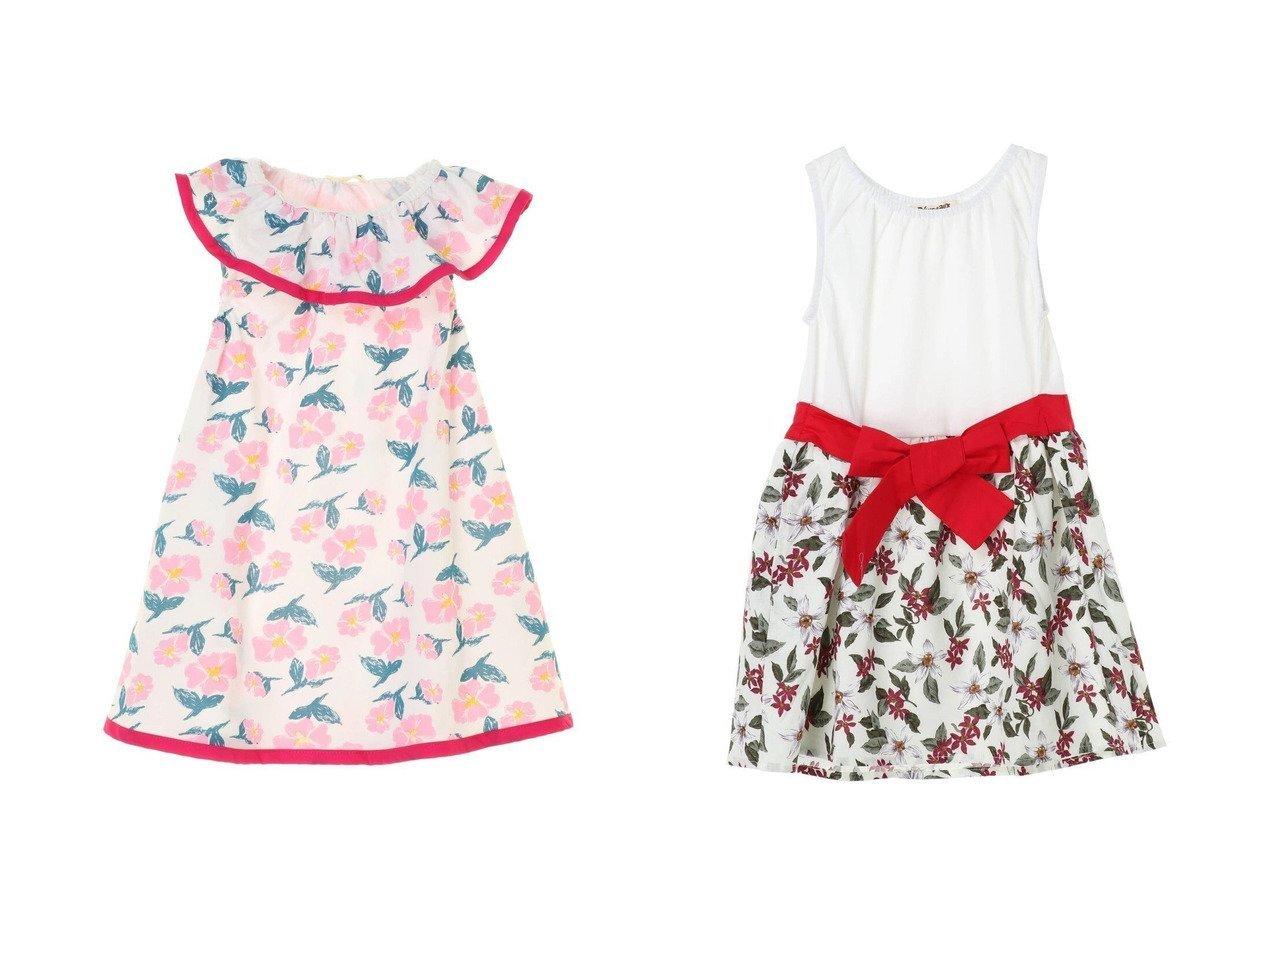 【Green Parks / KIDS/グリーンパークス】の・・花柄ノースリーブワンピース&・・ウエストマーク花柄ワンピース 【KIDS】子供服のおすすめ!人気トレンド・キッズファッションの通販  おすすめで人気の流行・トレンド、ファッションの通販商品 インテリア・家具・メンズファッション・キッズファッション・レディースファッション・服の通販 founy(ファニー) https://founy.com/ ファッション Fashion キッズファッション KIDS ワンピース Dress/Kids 送料無料 Free Shipping おすすめ Recommend チュニック ノースリーブ フリル プリント レギンス カーディガン シンプル ジャケット ドッキング フラワー リボン |ID:crp329100000044817